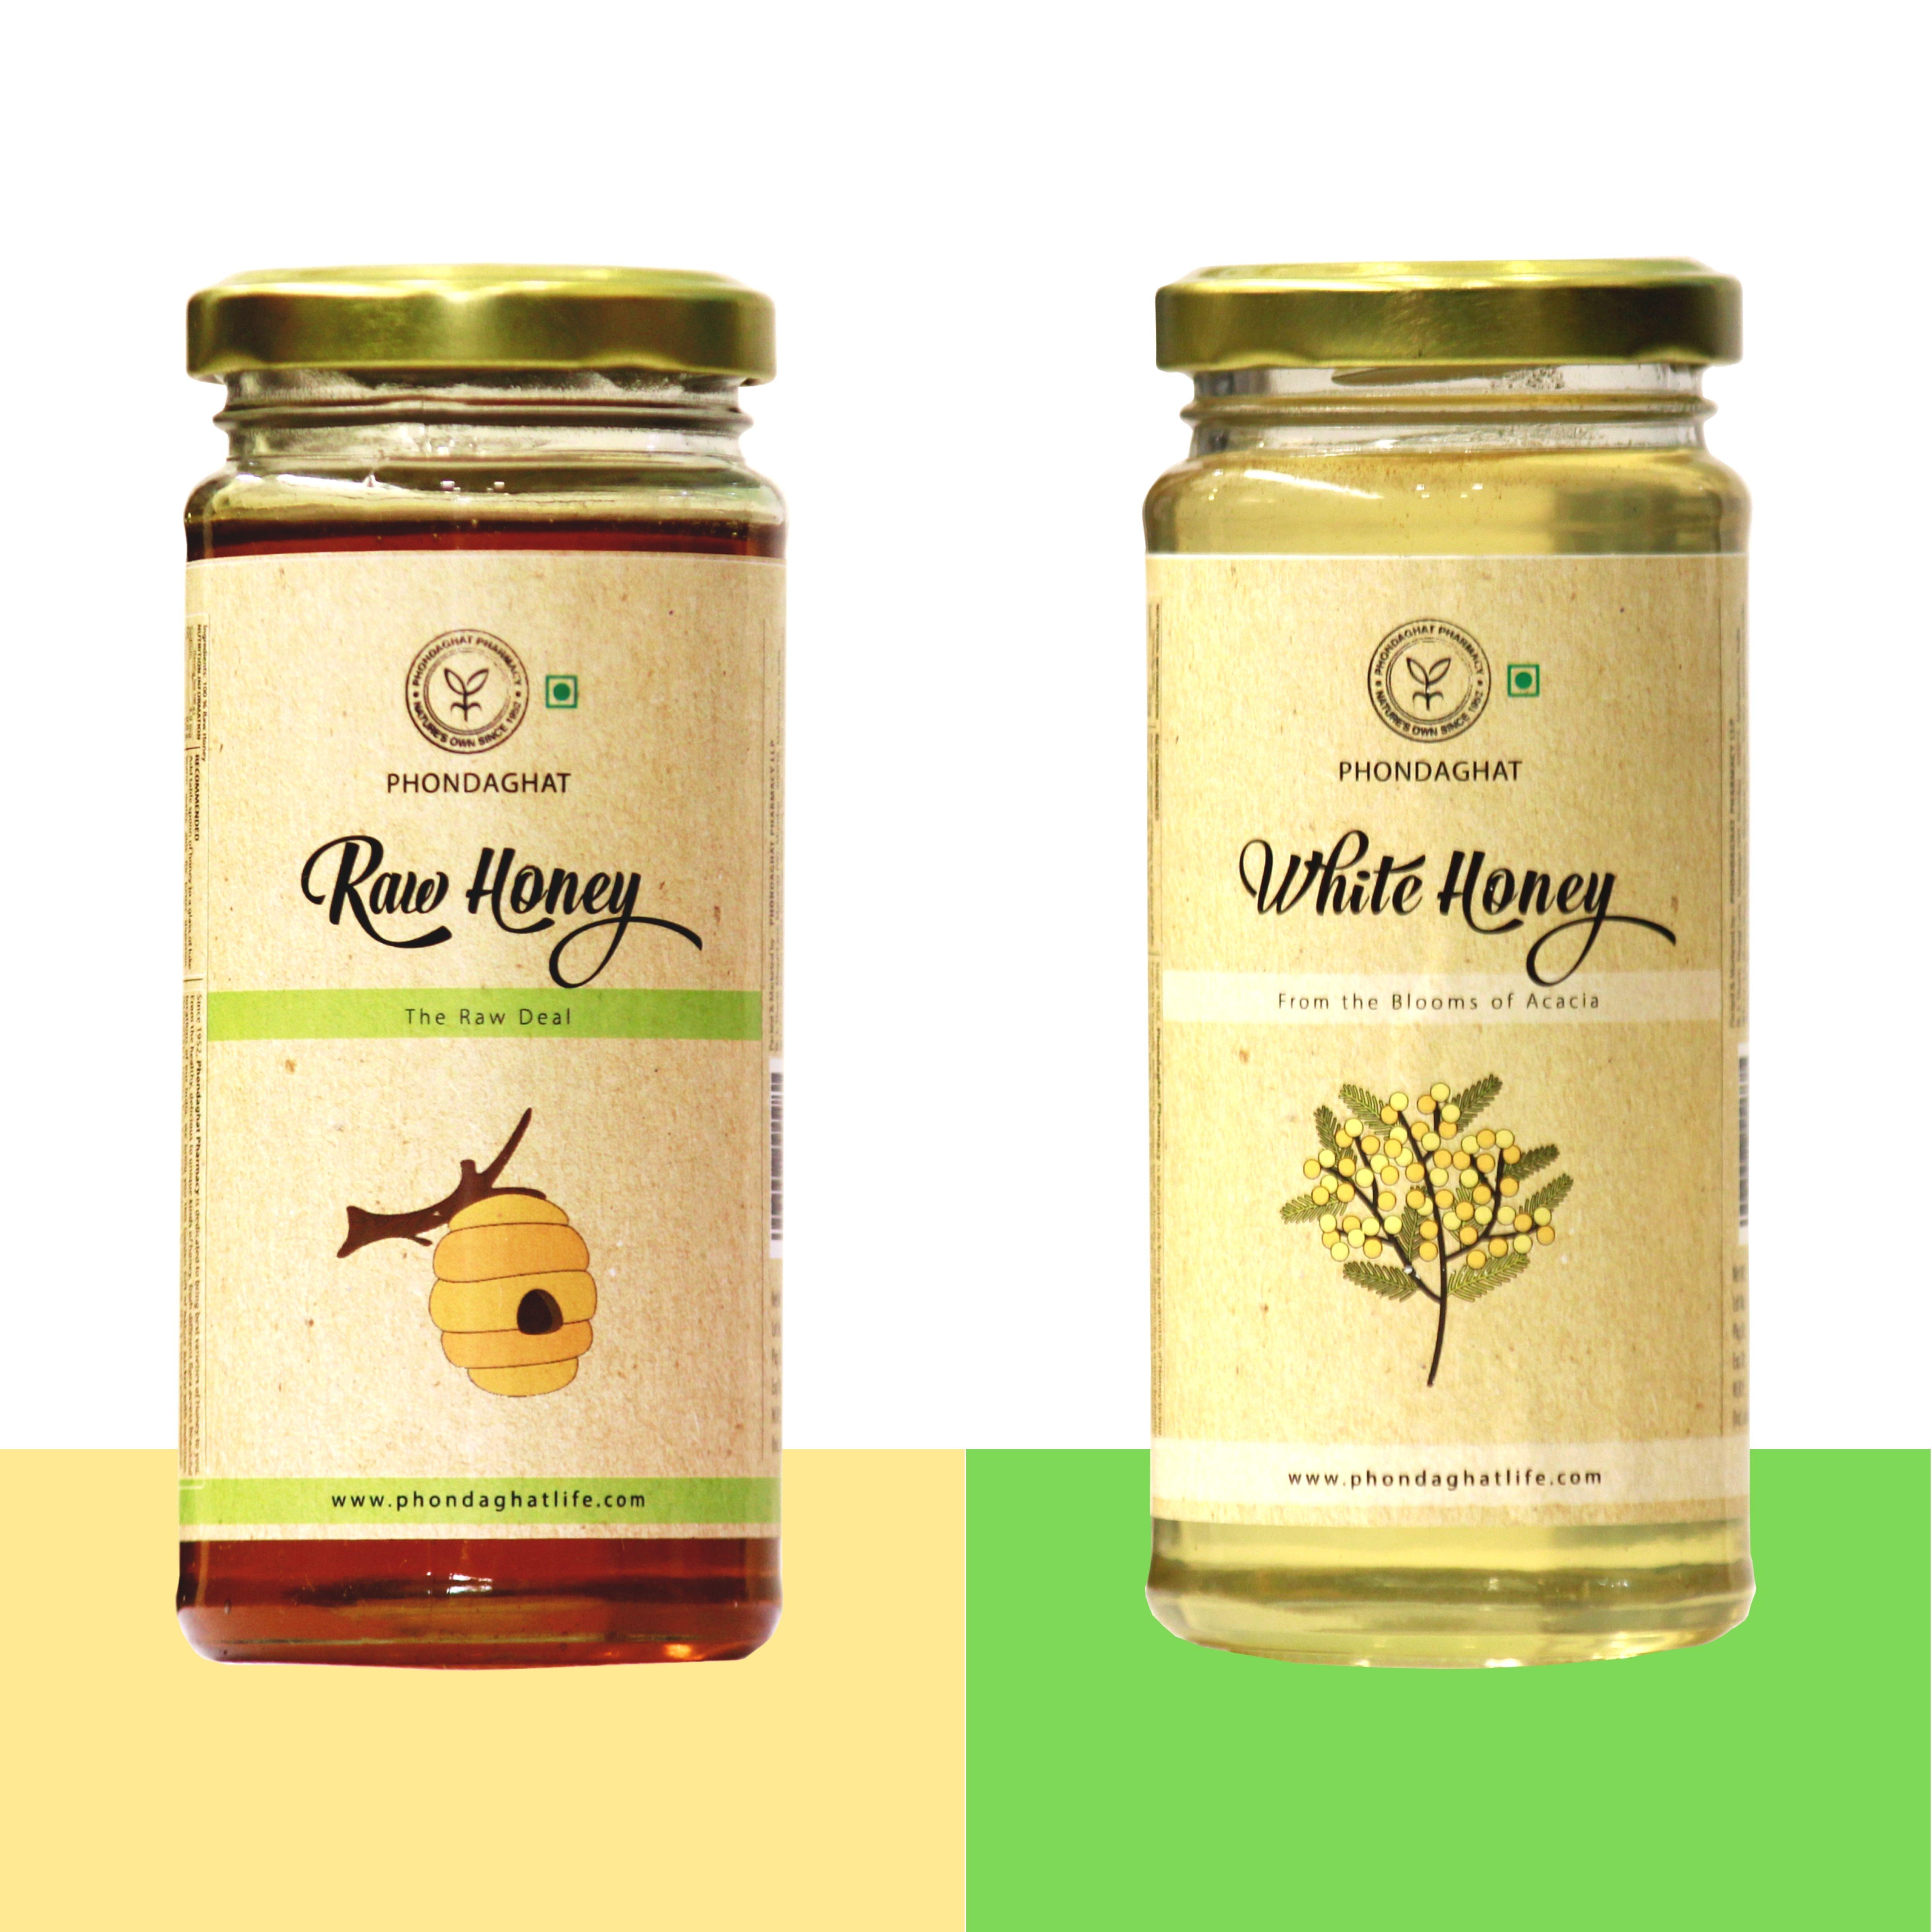 Phondaghat Raw Honey